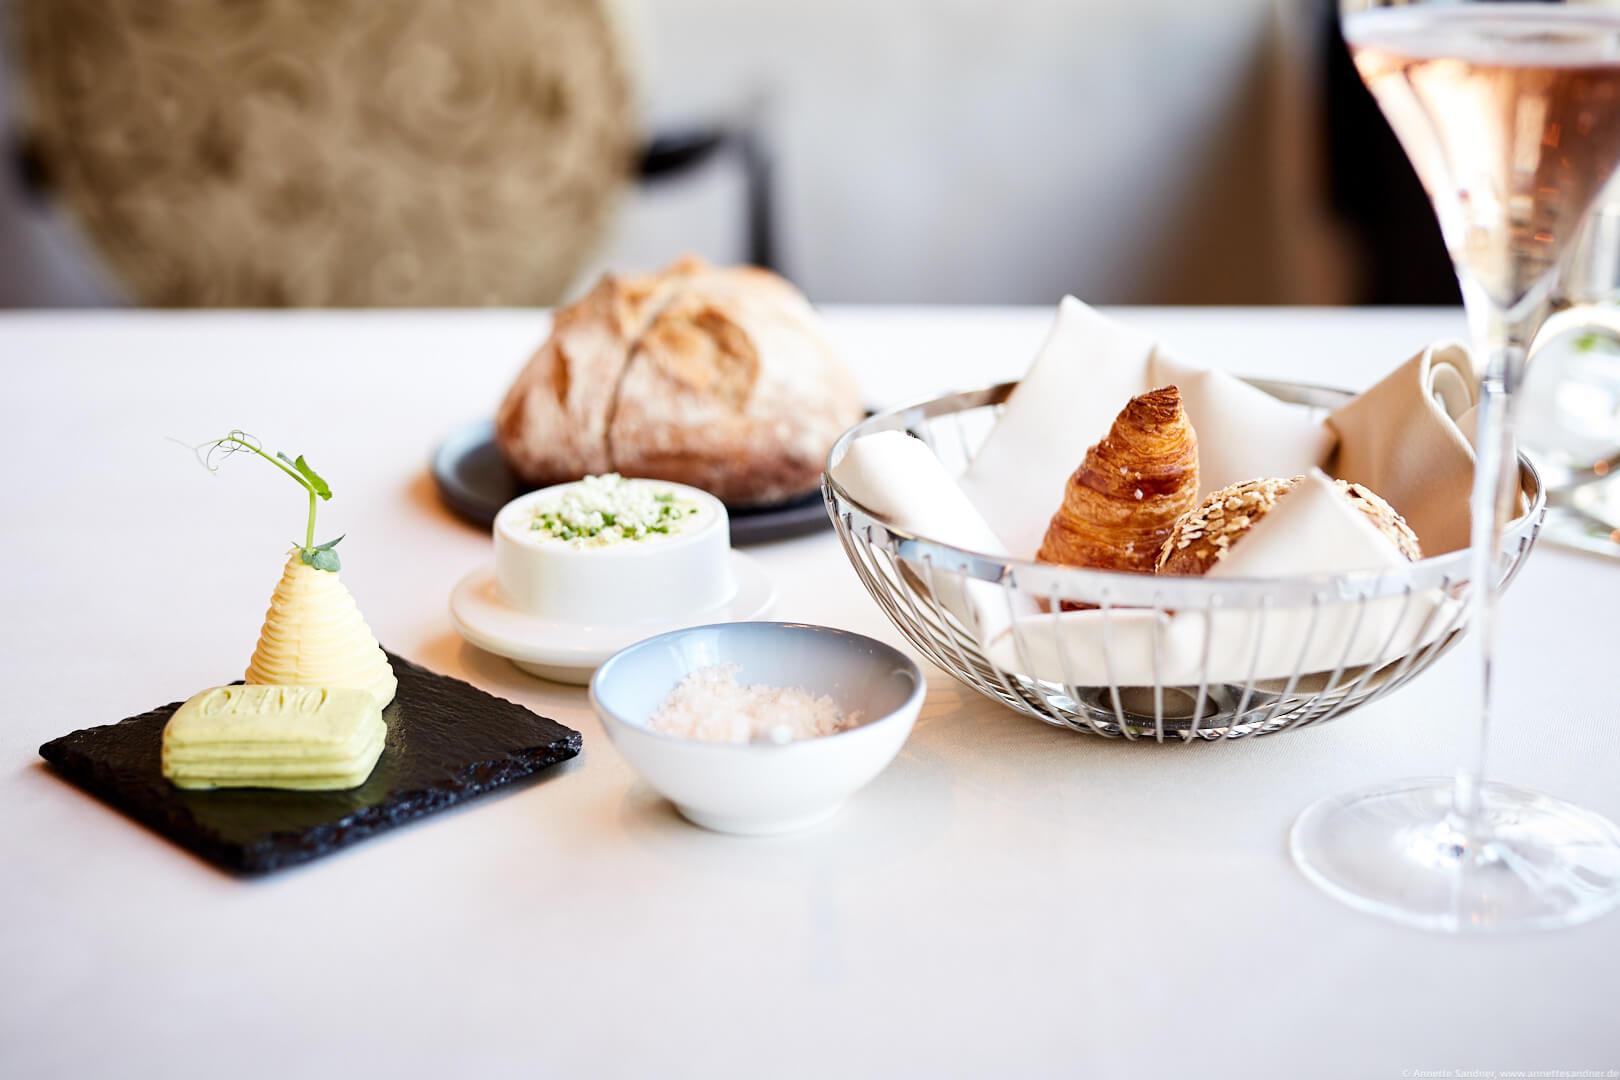 Brotkorb mit salzigem Kipferl von Joseph Brot aus Wien veredelte Bio-Butter von den Butter Boyz - Gourmet Restaurant Olivo, Stuttgart, Anton Gschwendtner